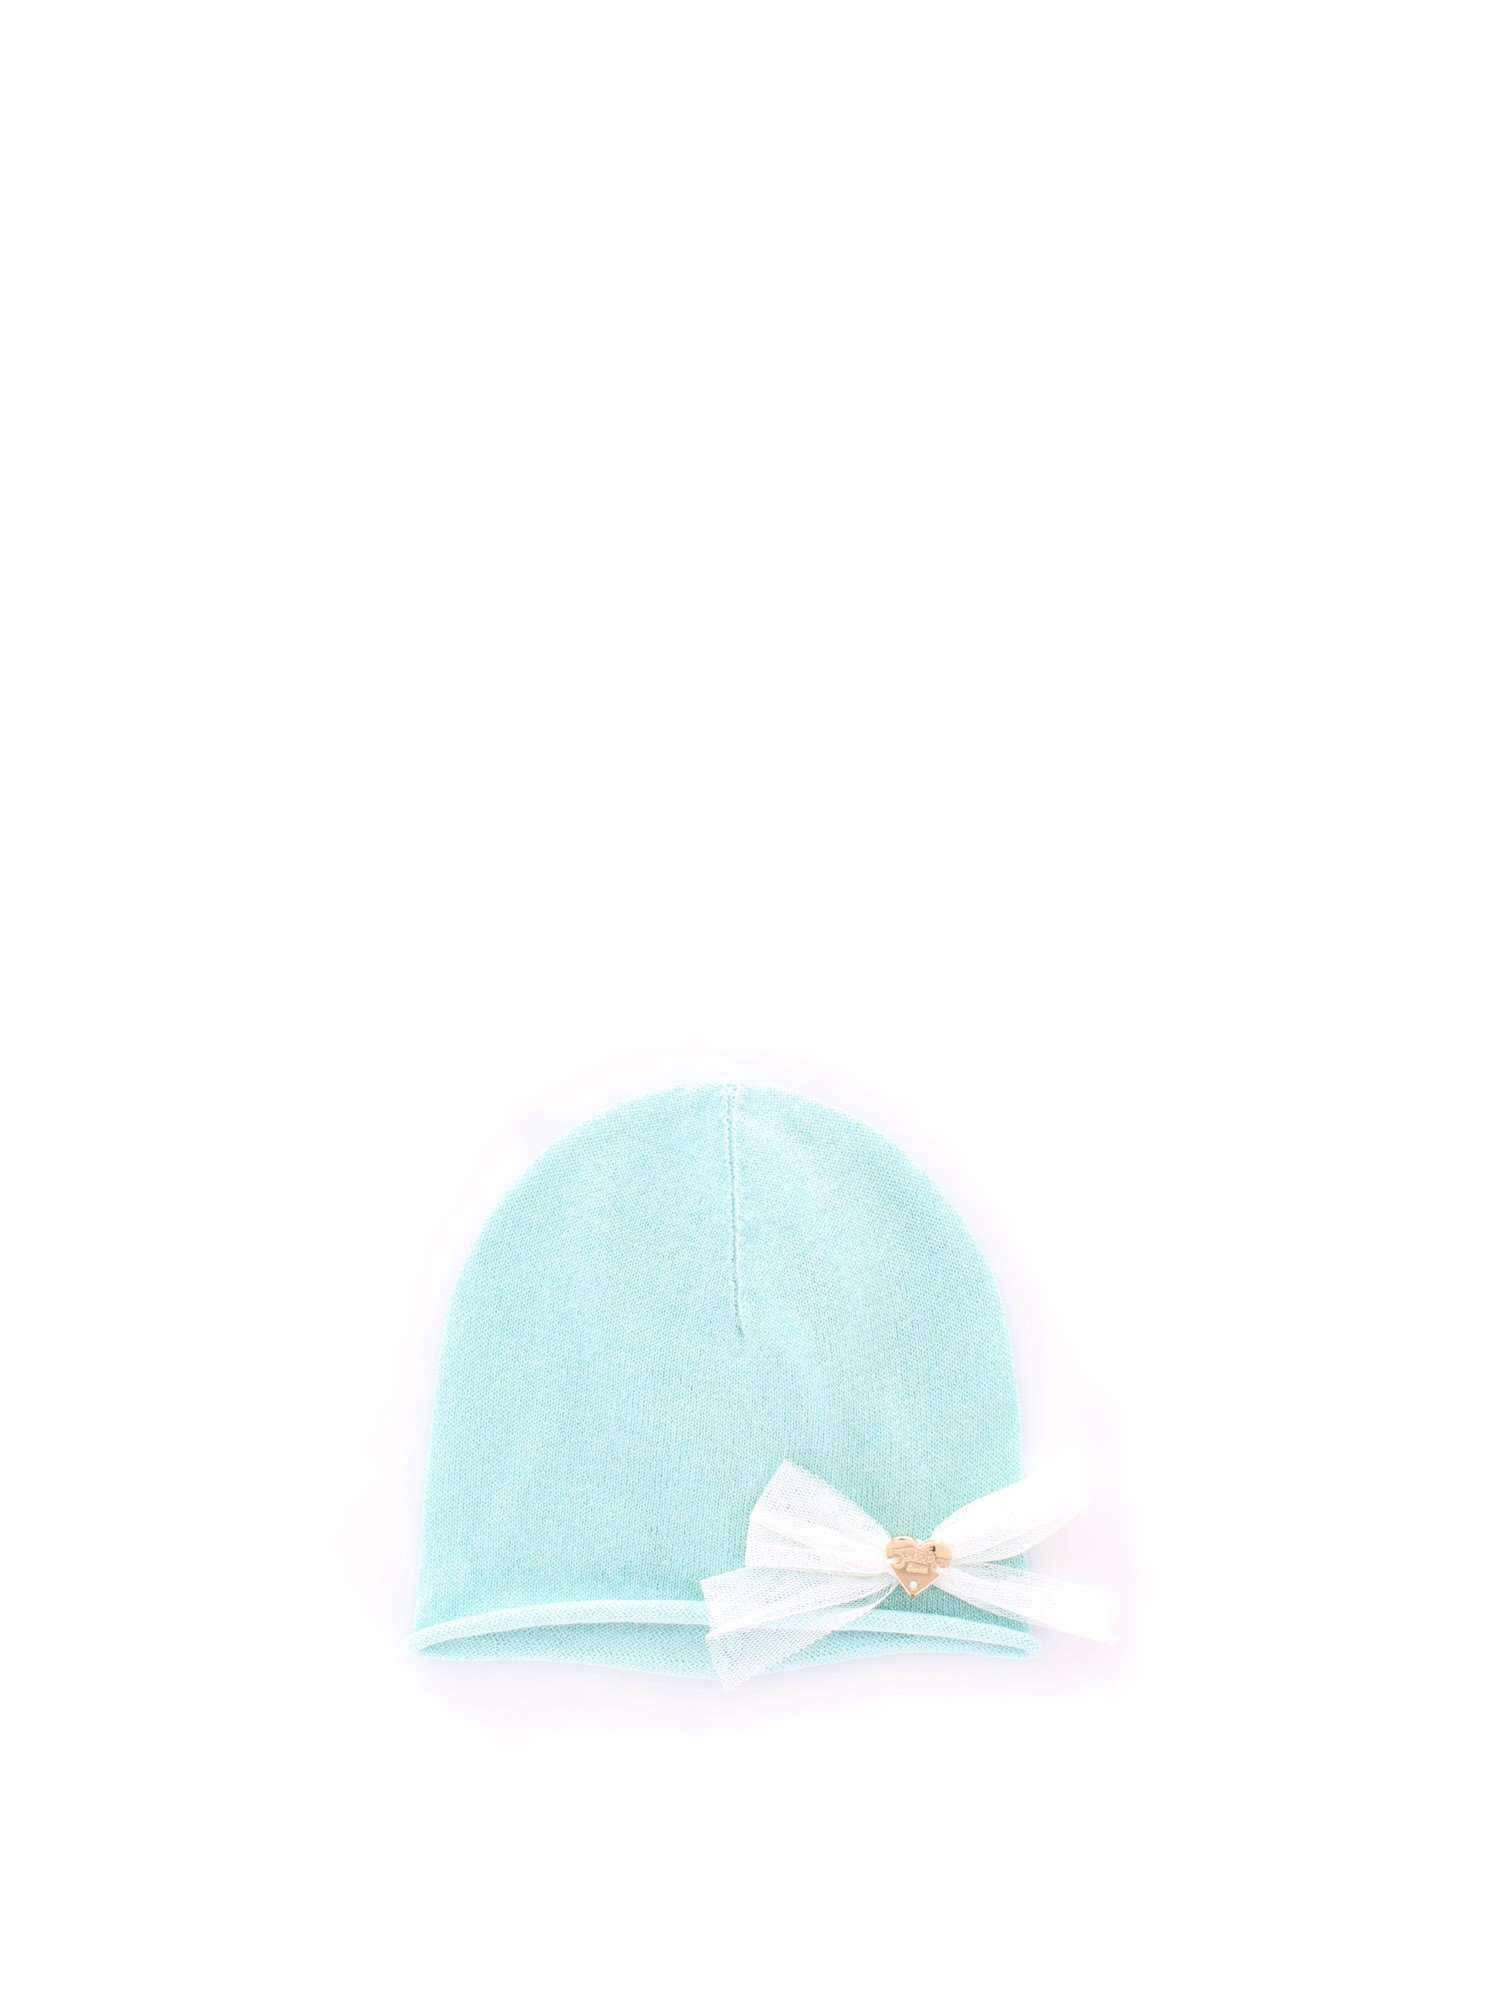 LIU JO H19014 Verde-04842 Cappello Bambina Primavera Estate  05847fe5e34